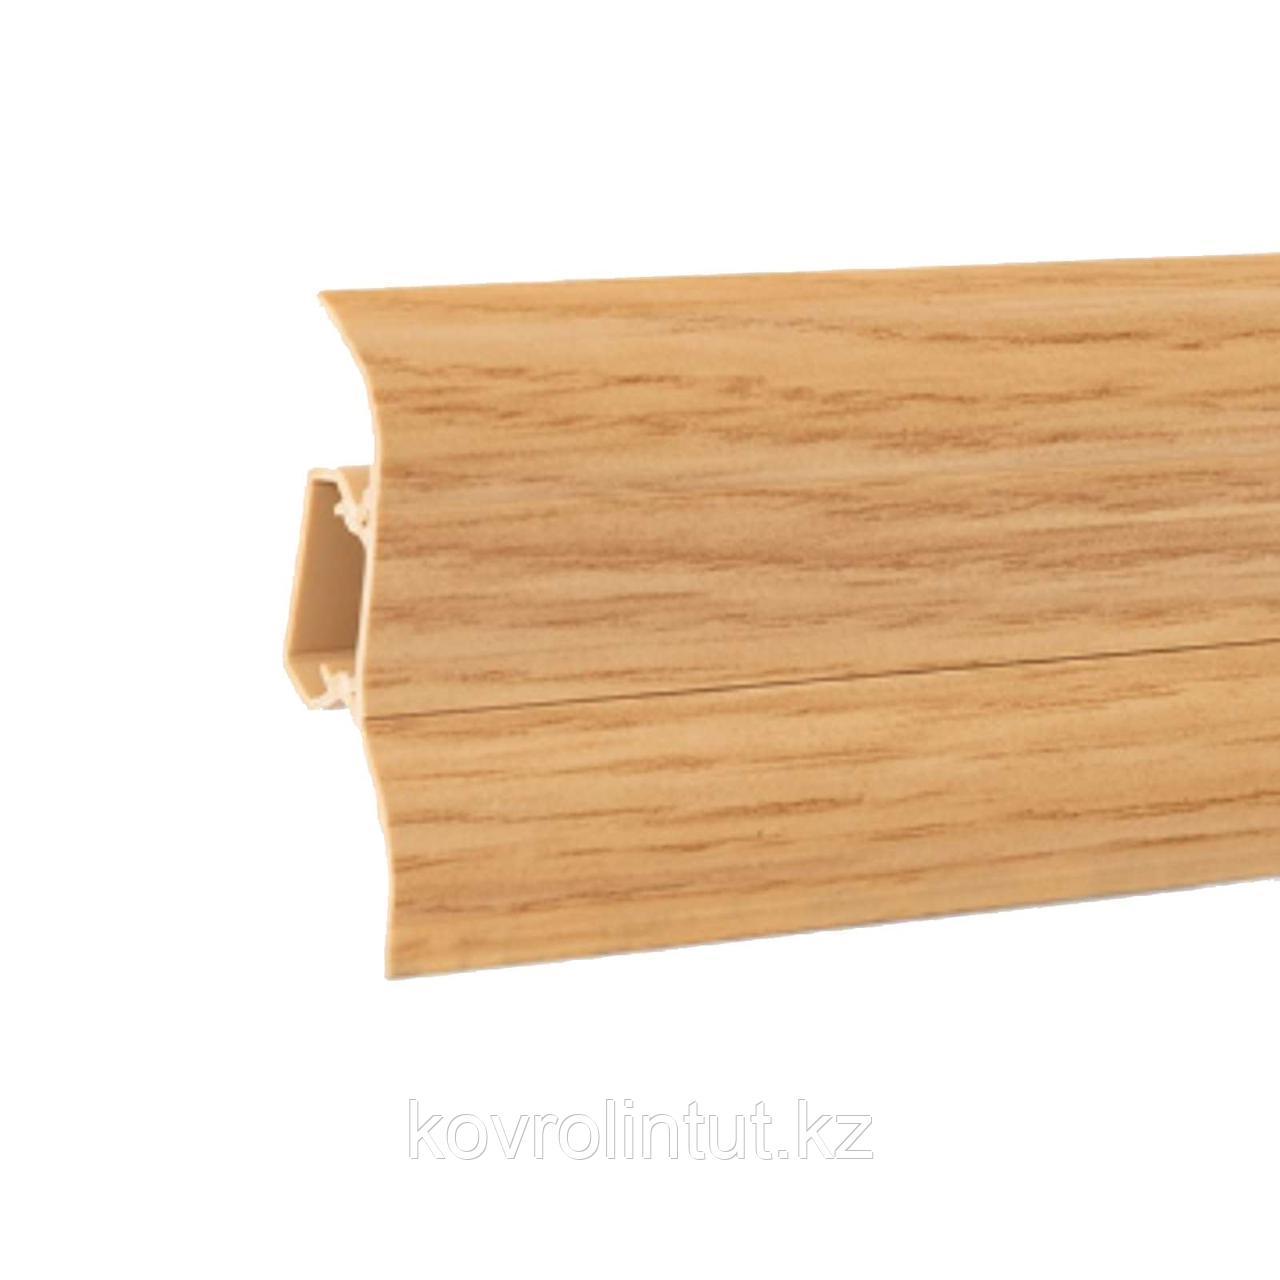 Плинтус Arbiton Lars, 46 дуб золотой, 70х26х2500мм / 20 шт в коробке